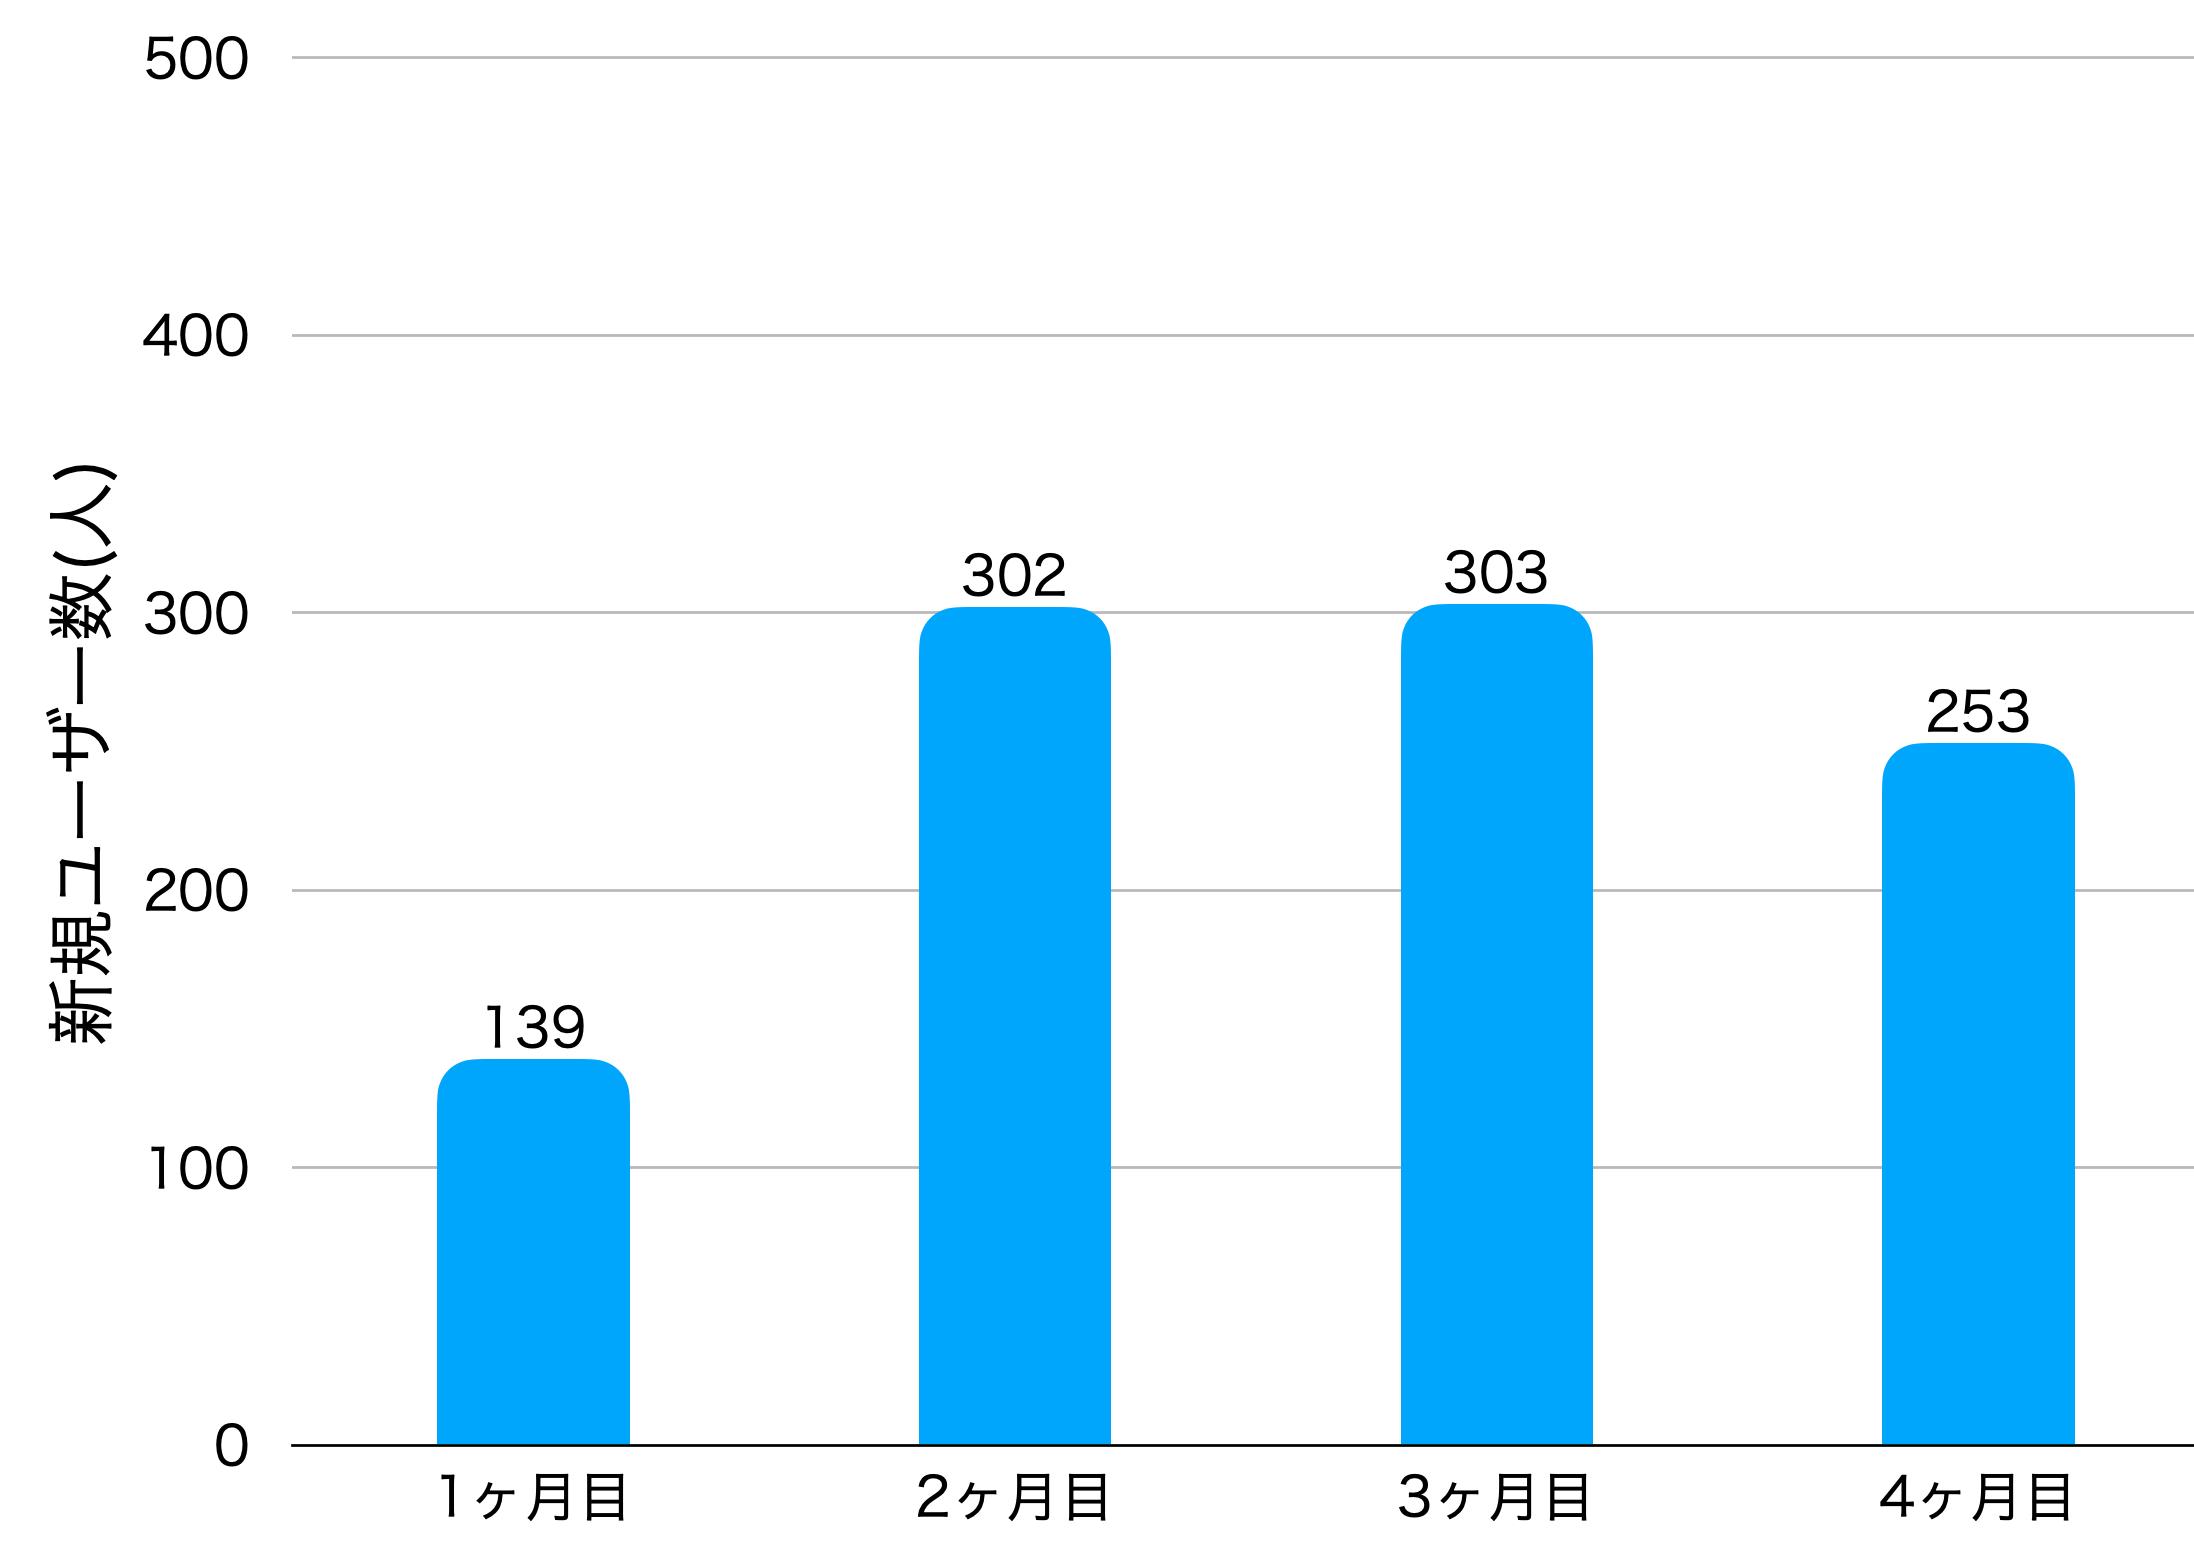 4ヶ月目の新規ユーザー数の画像